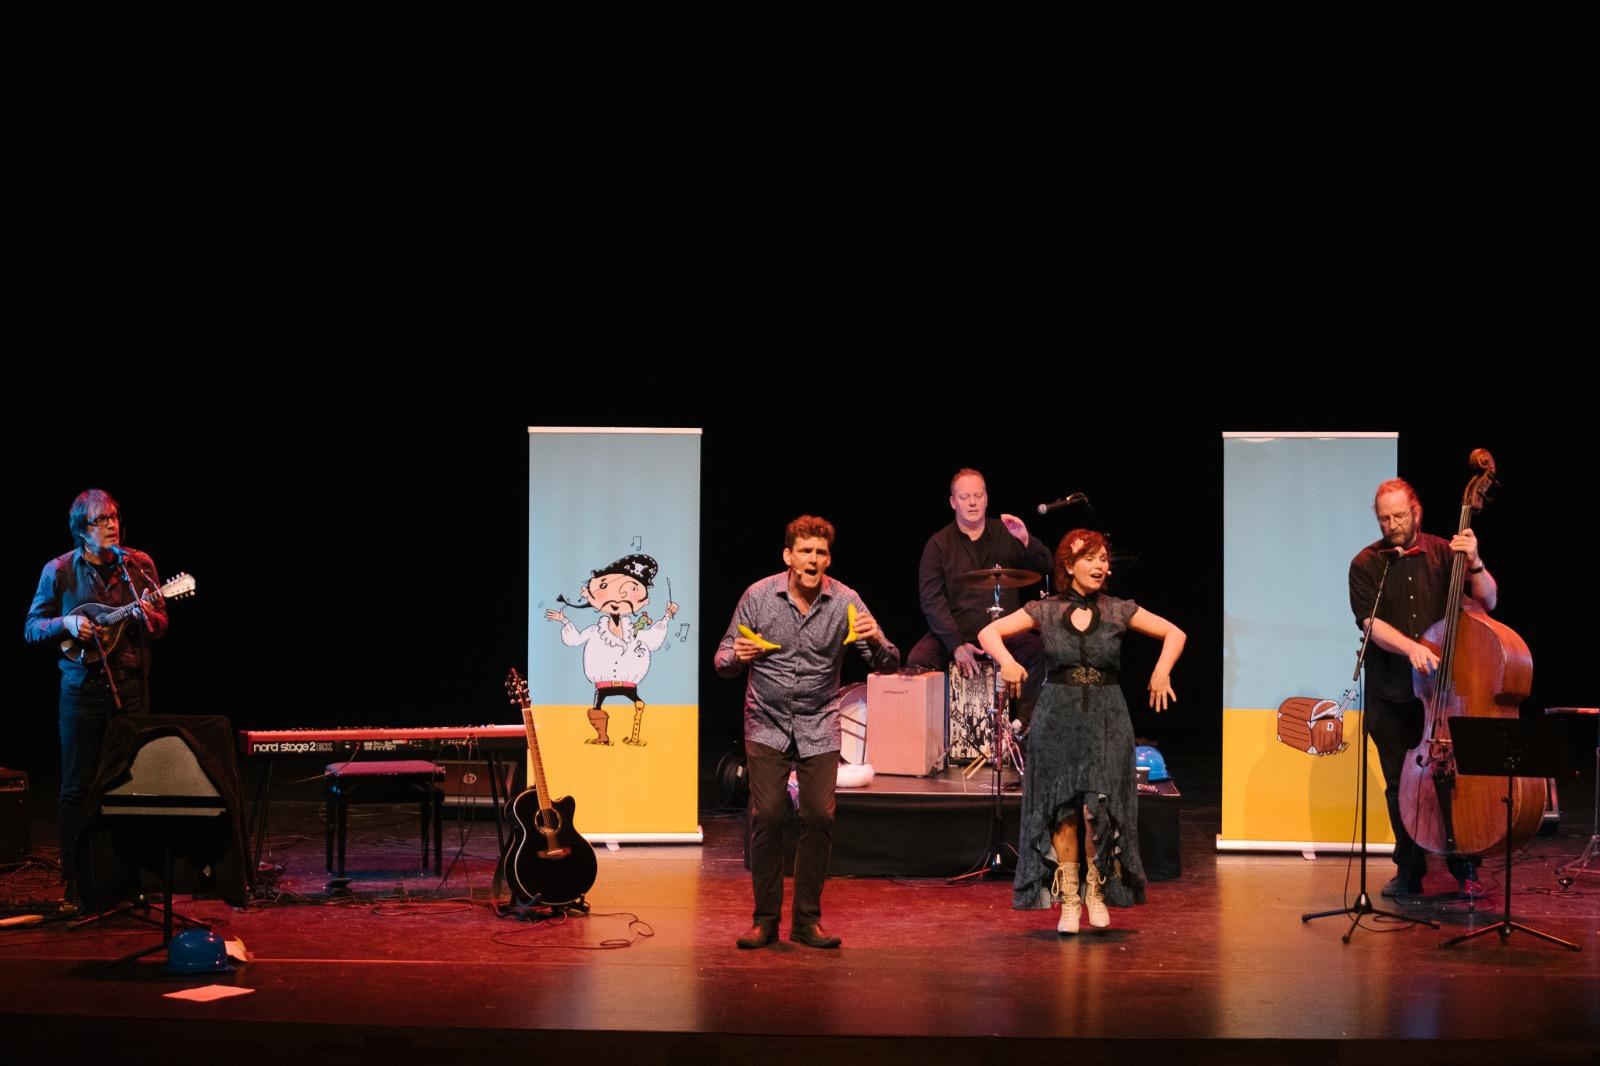 de operapiraat een jeugdtheater voorstelling van Jeroen Schipper